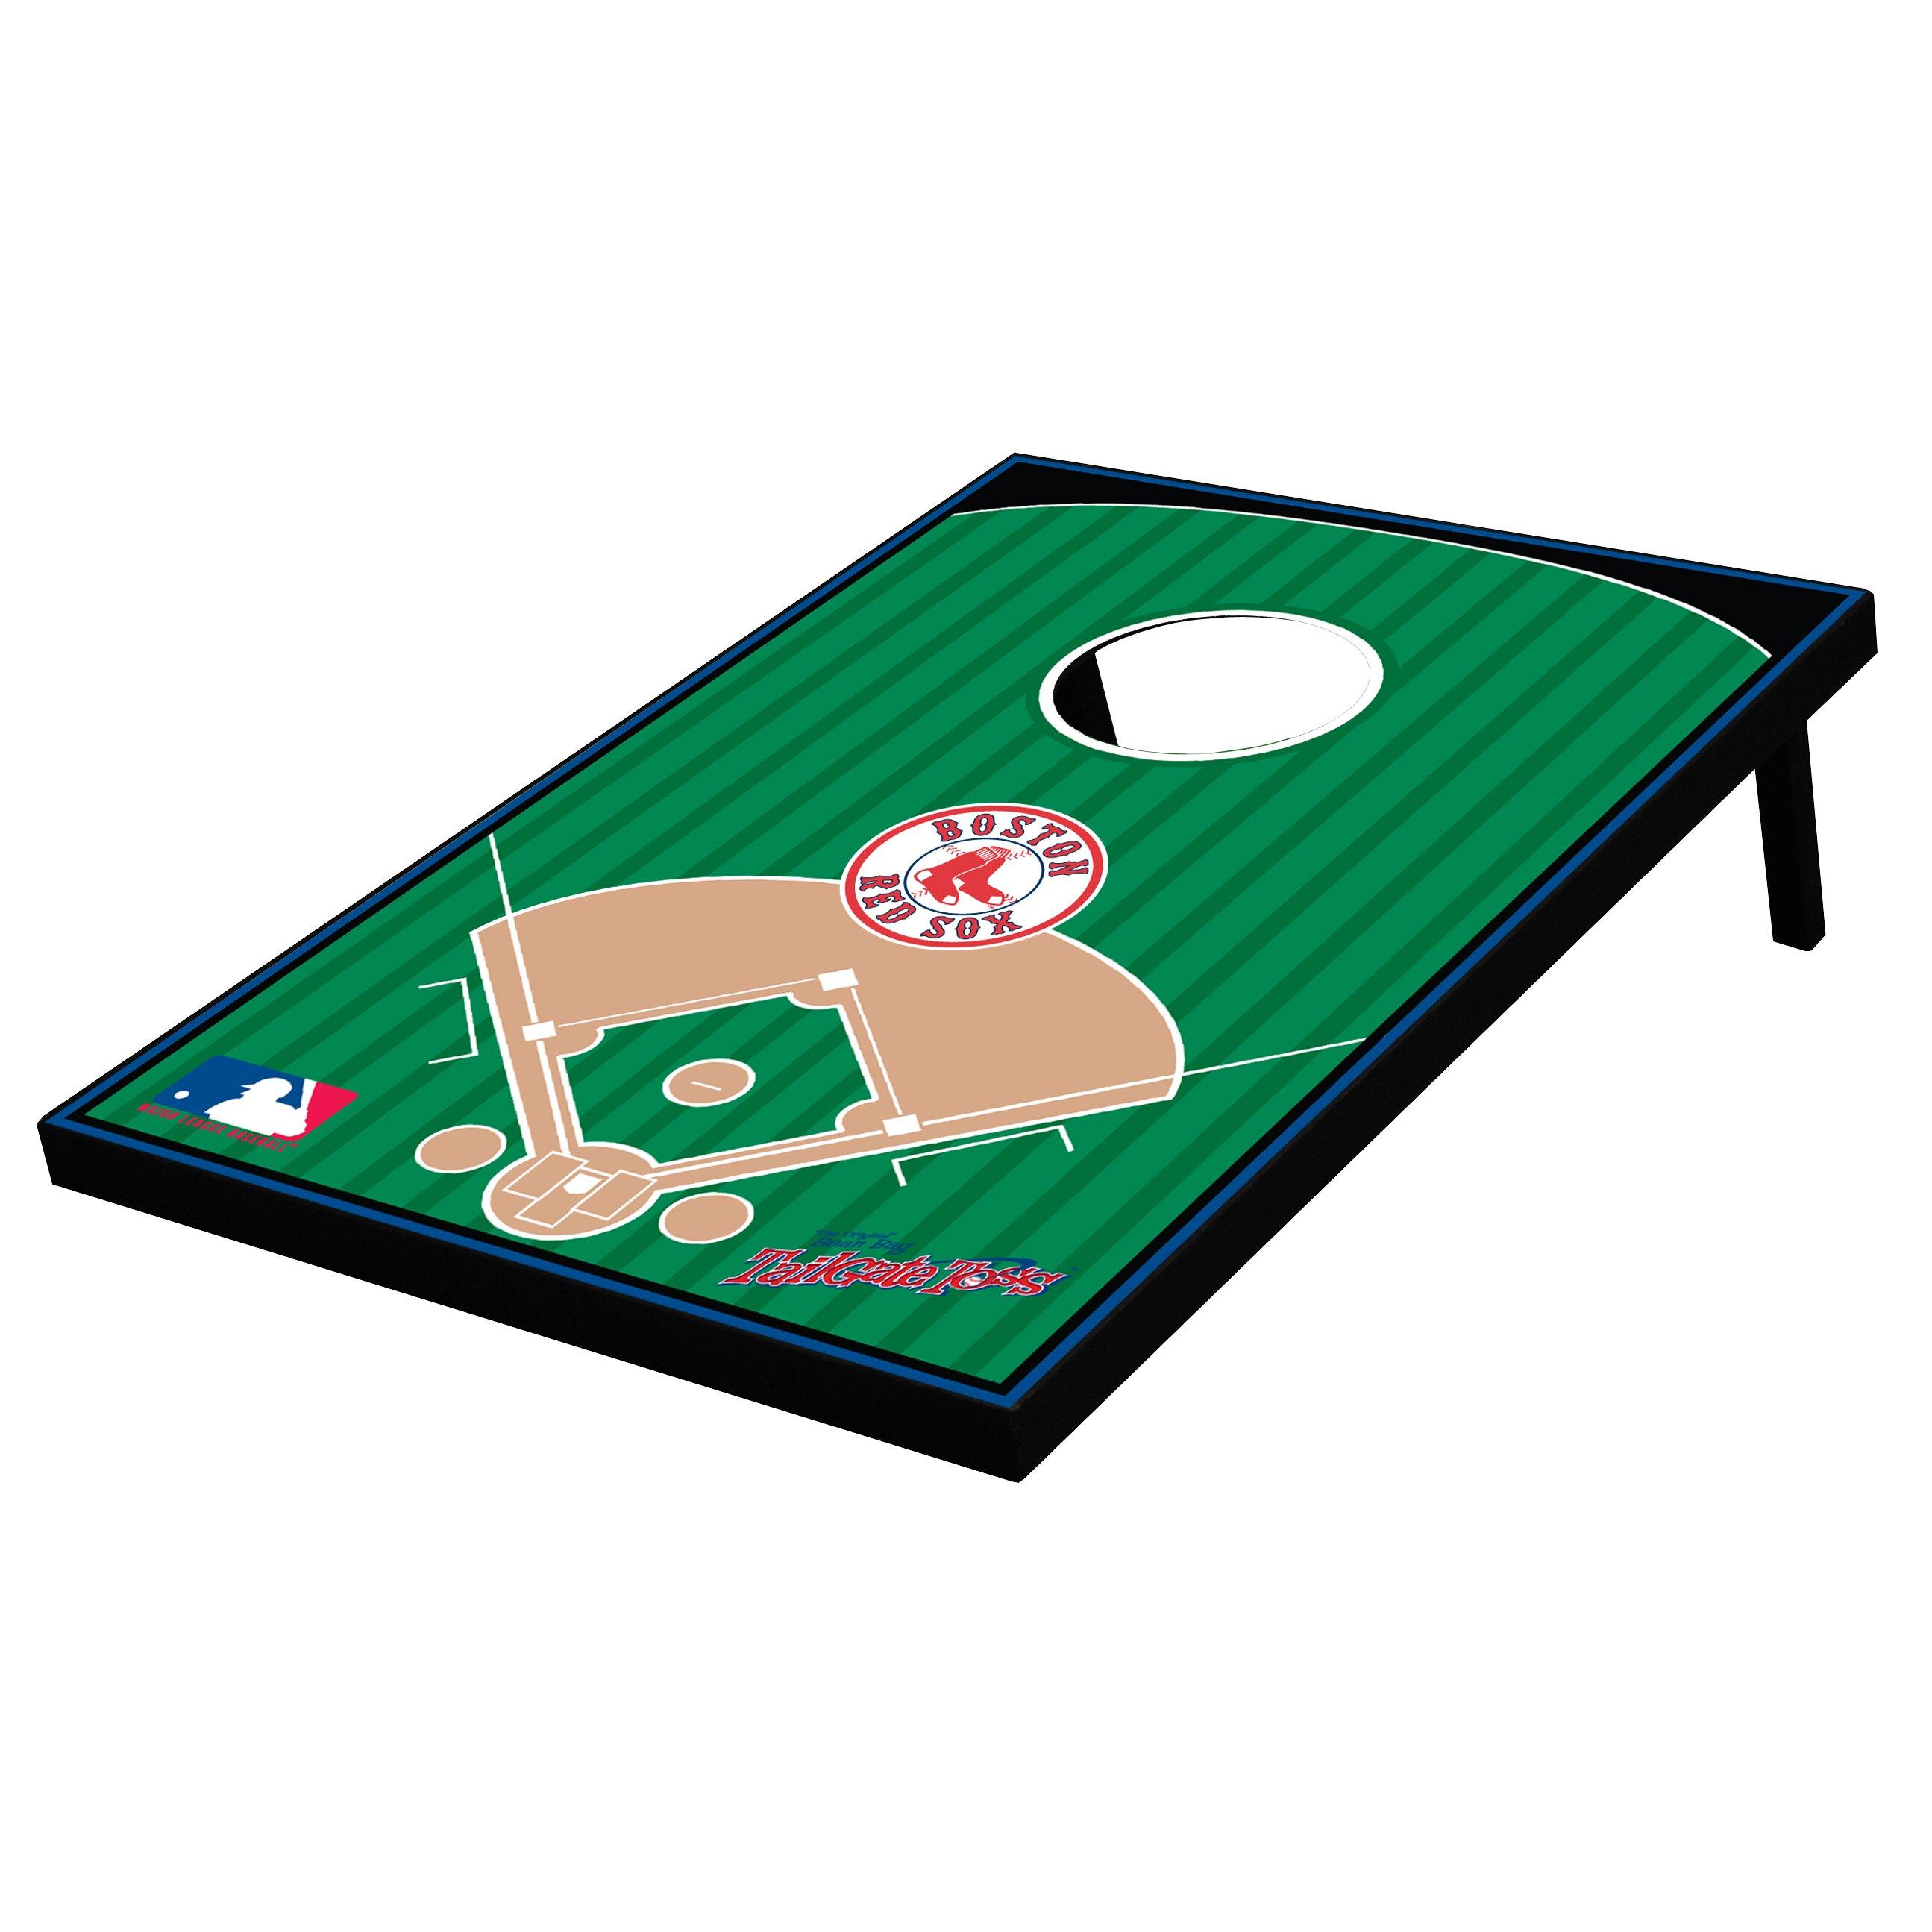 Tailgate Toss 10 Piece Mlb Baseball Bean Bag Toss Game